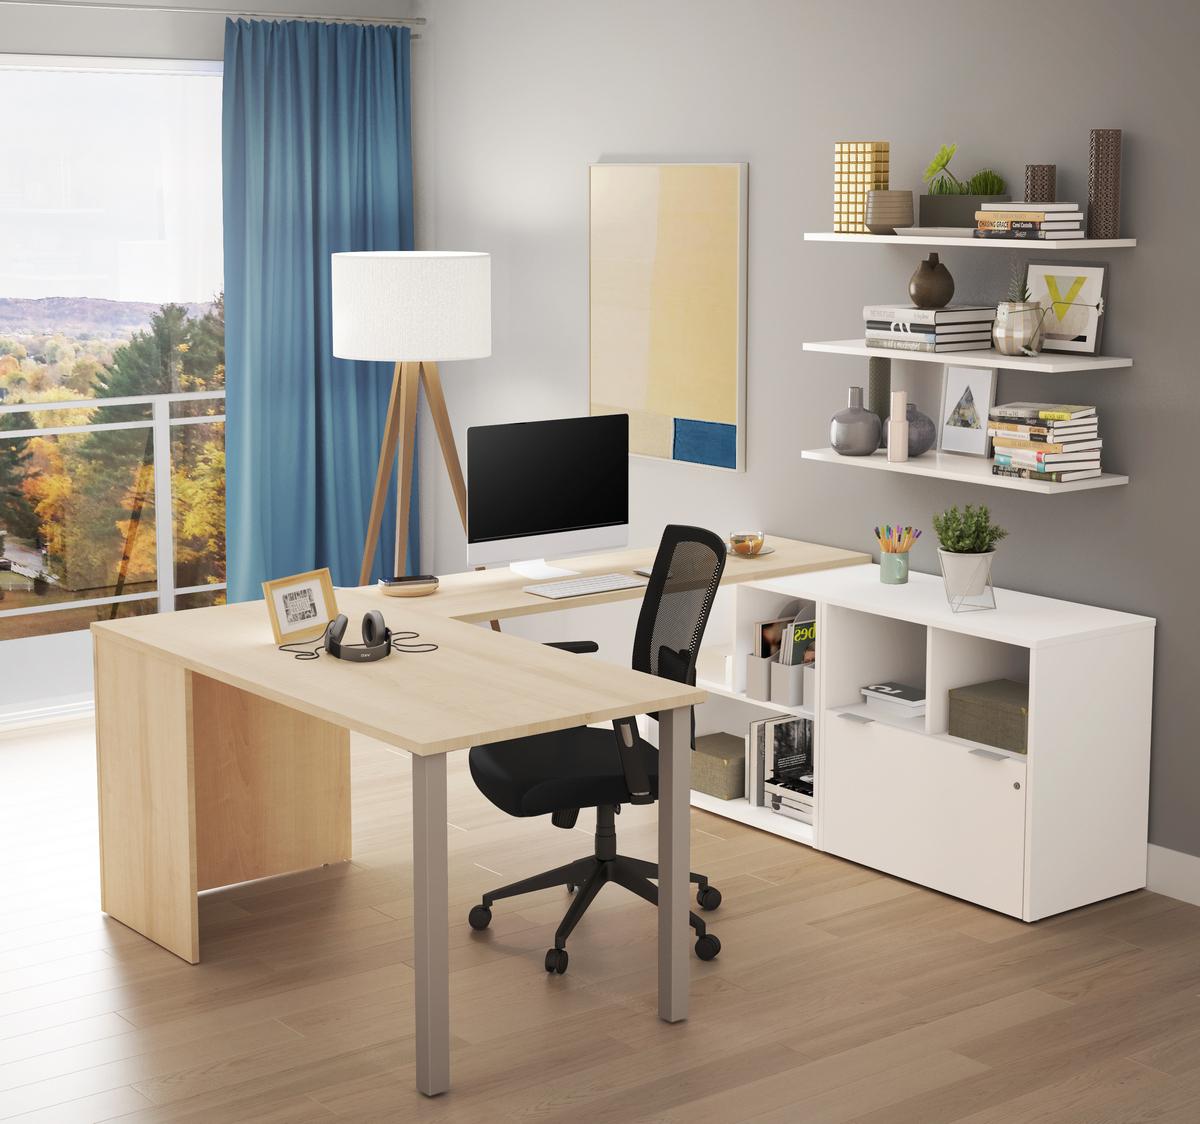 Bestar Desk One File Drawer Northern Maple White